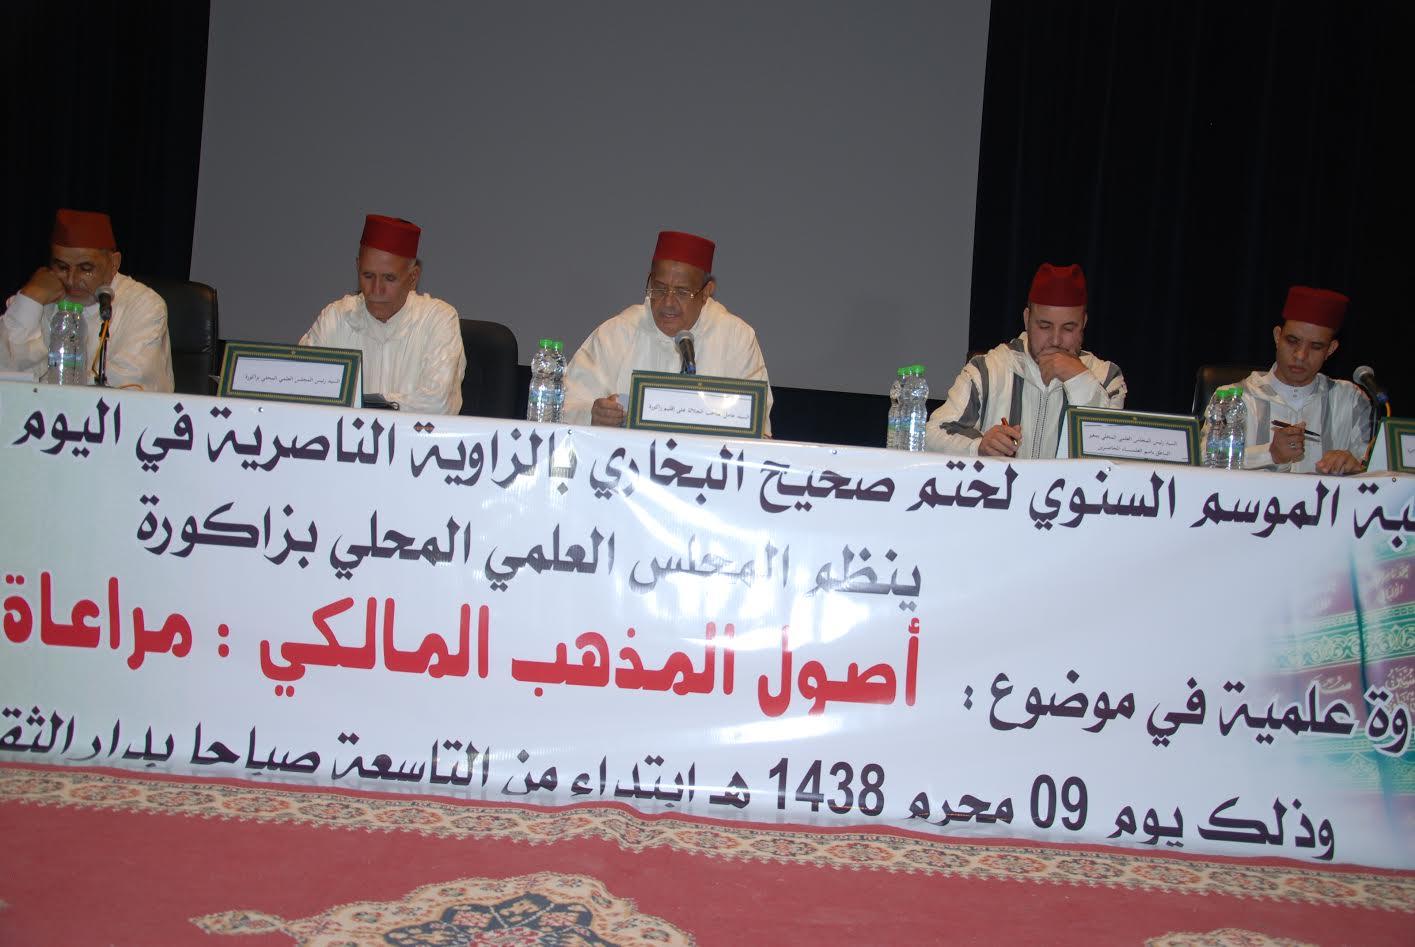 أصول المذهب المالكي في مراعاة الخلاف